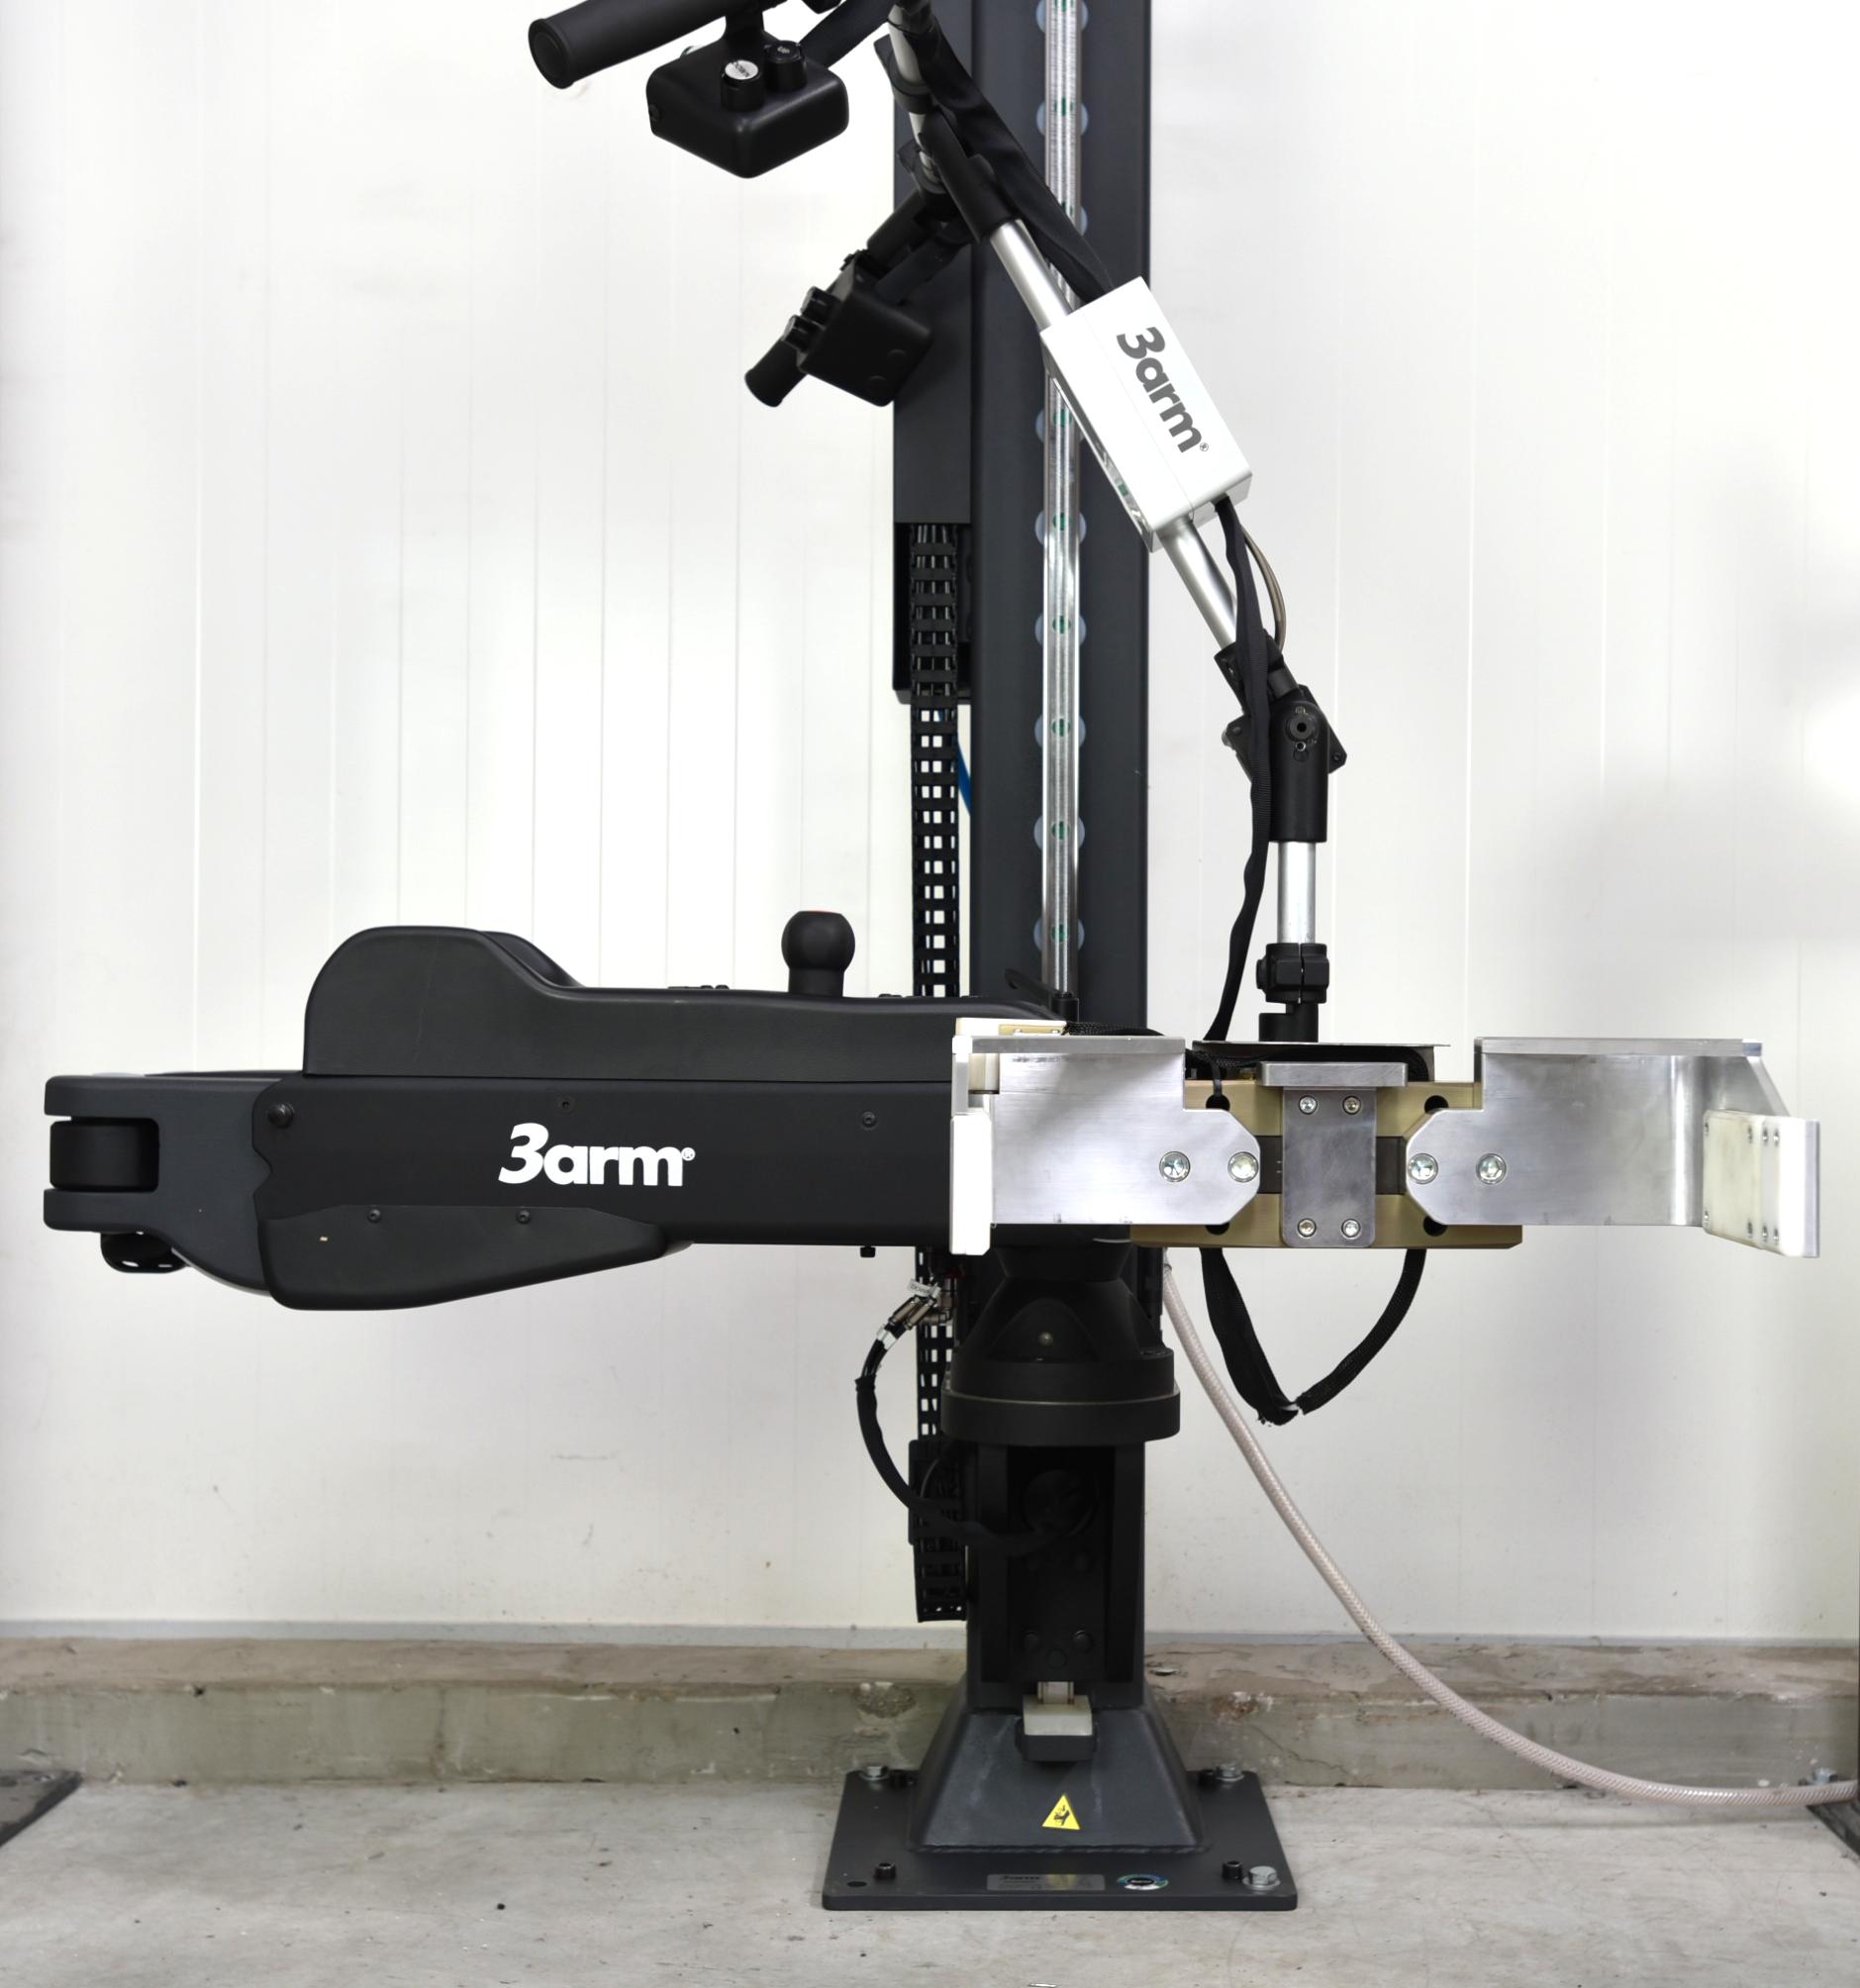 Manipulator 3arm M5 z chwytakiem dostosowanym do przenoszenia skrzynek z zawartością